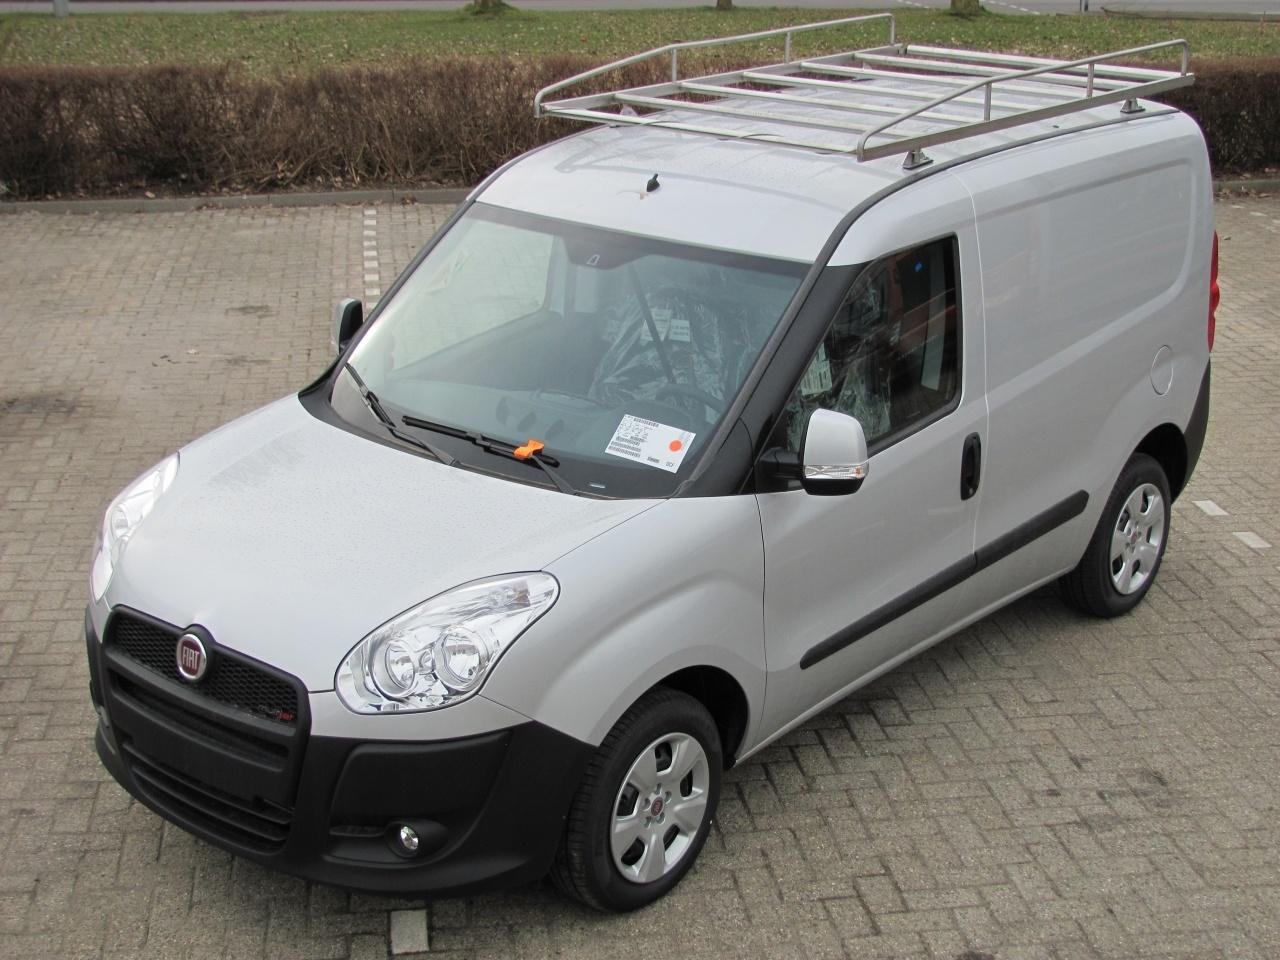 Imperiaal RVS Fiat Doblo Cargo Maxi vanaf 2012 met achterdeuren inclusief opsteekrol